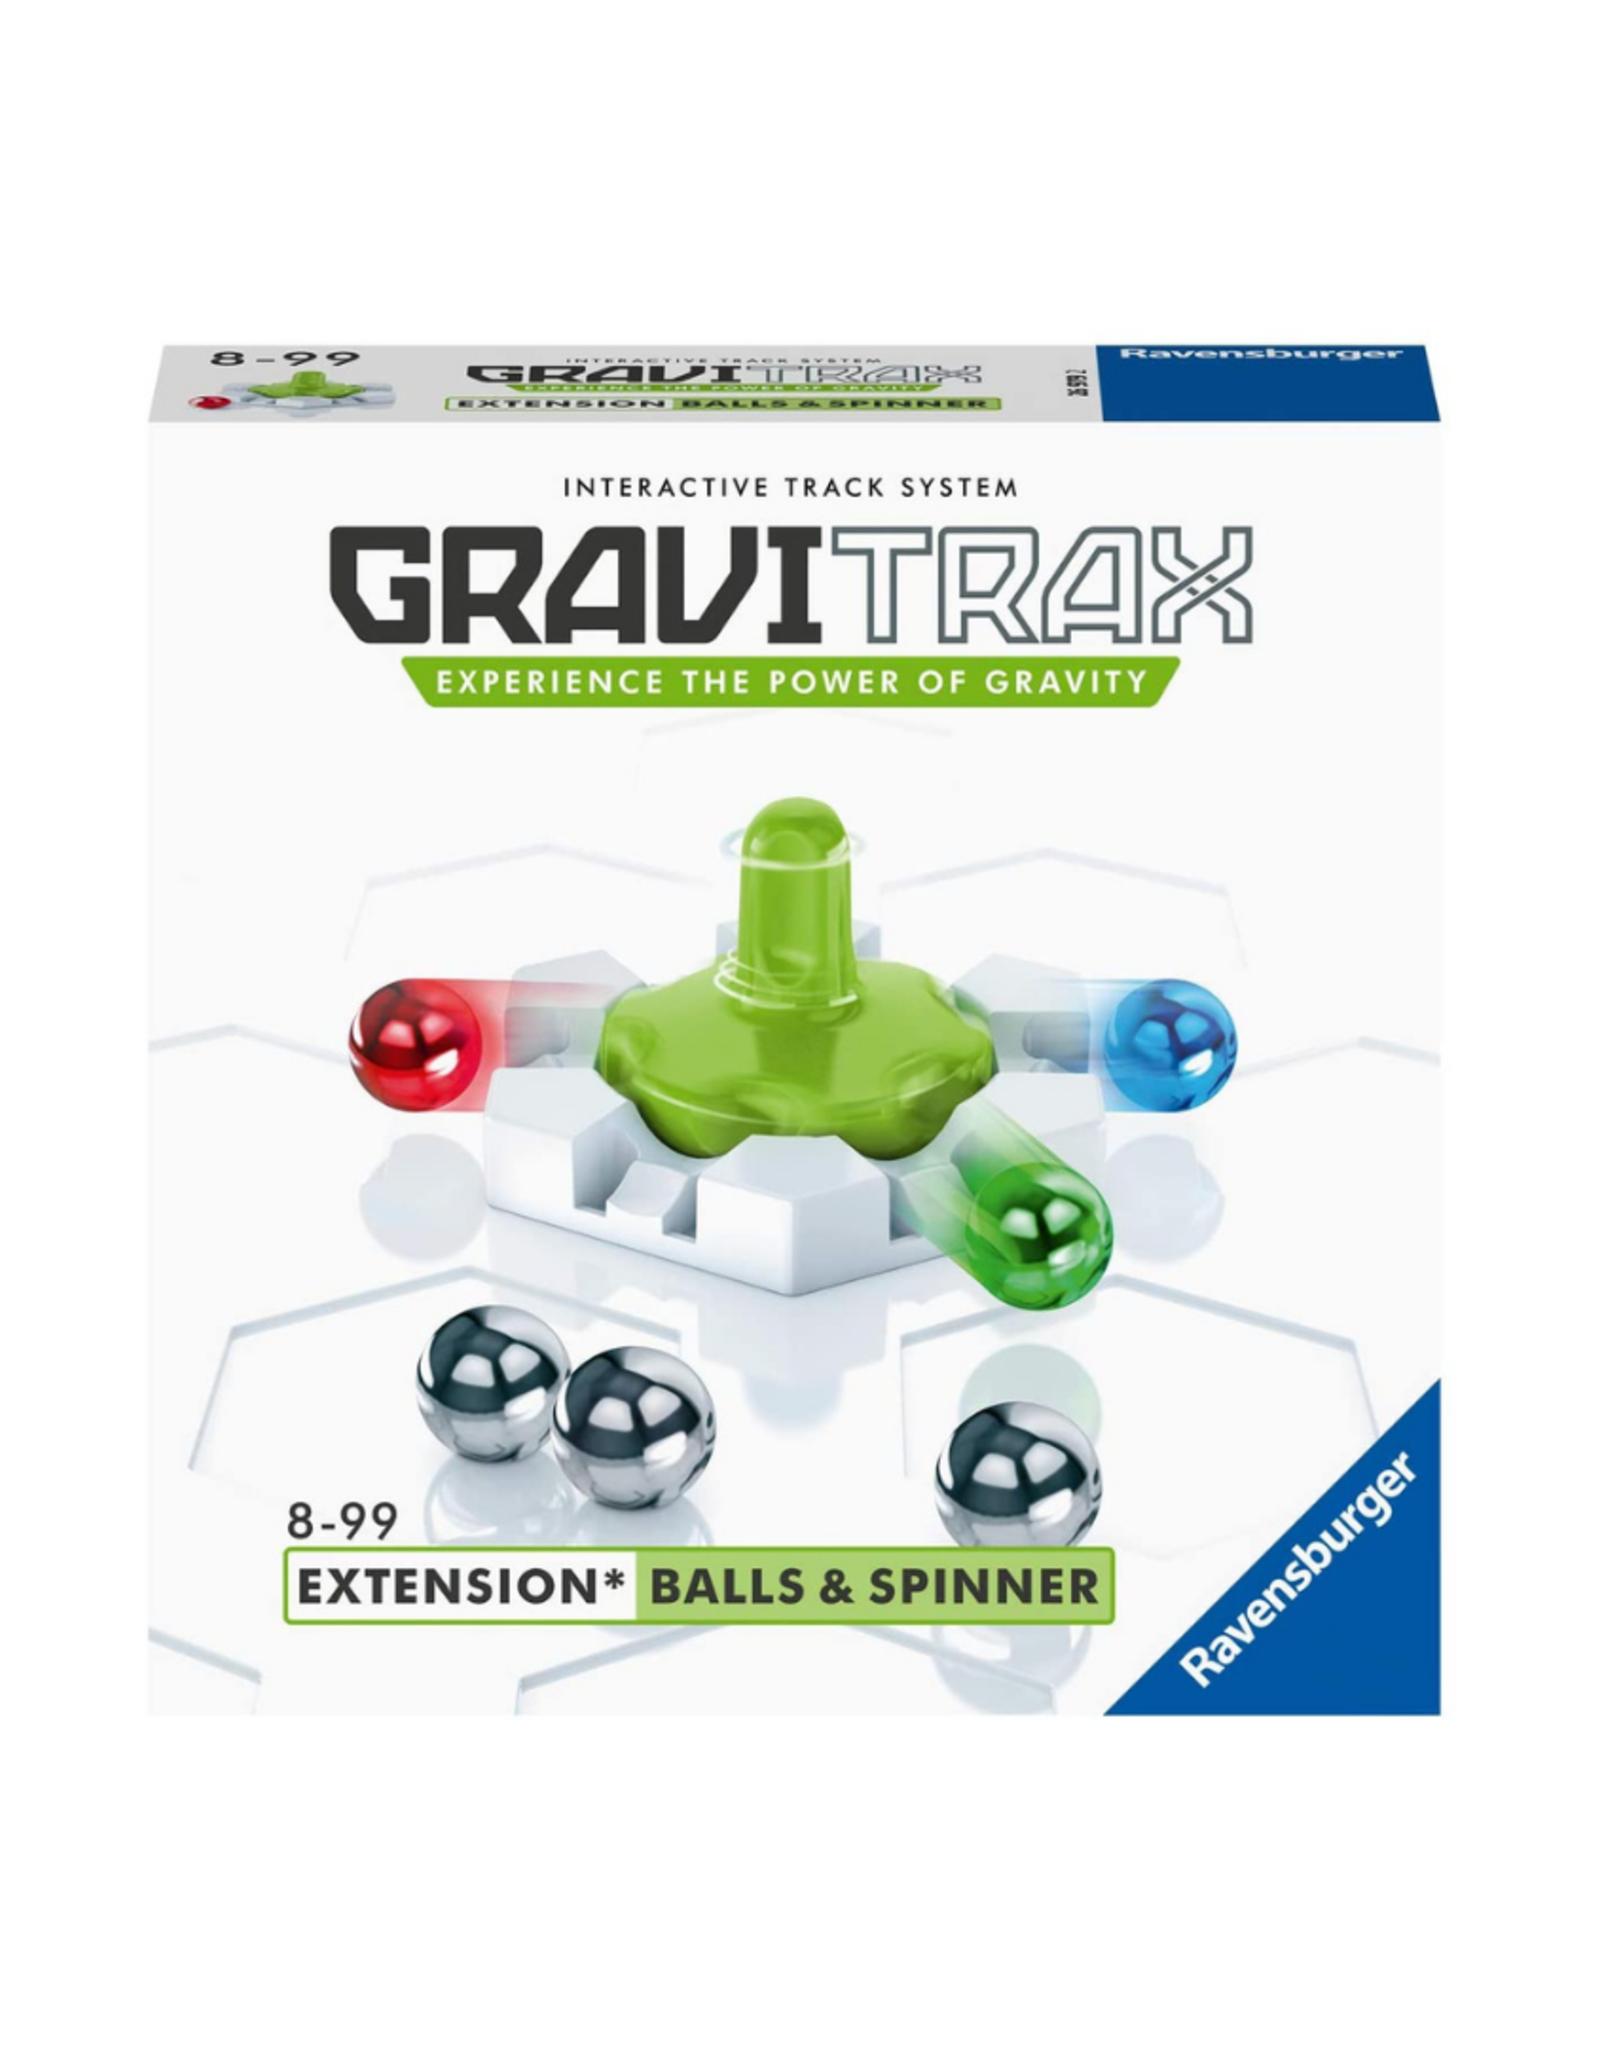 GraviTrax Gravitrax Accessory - Balls & Spinner